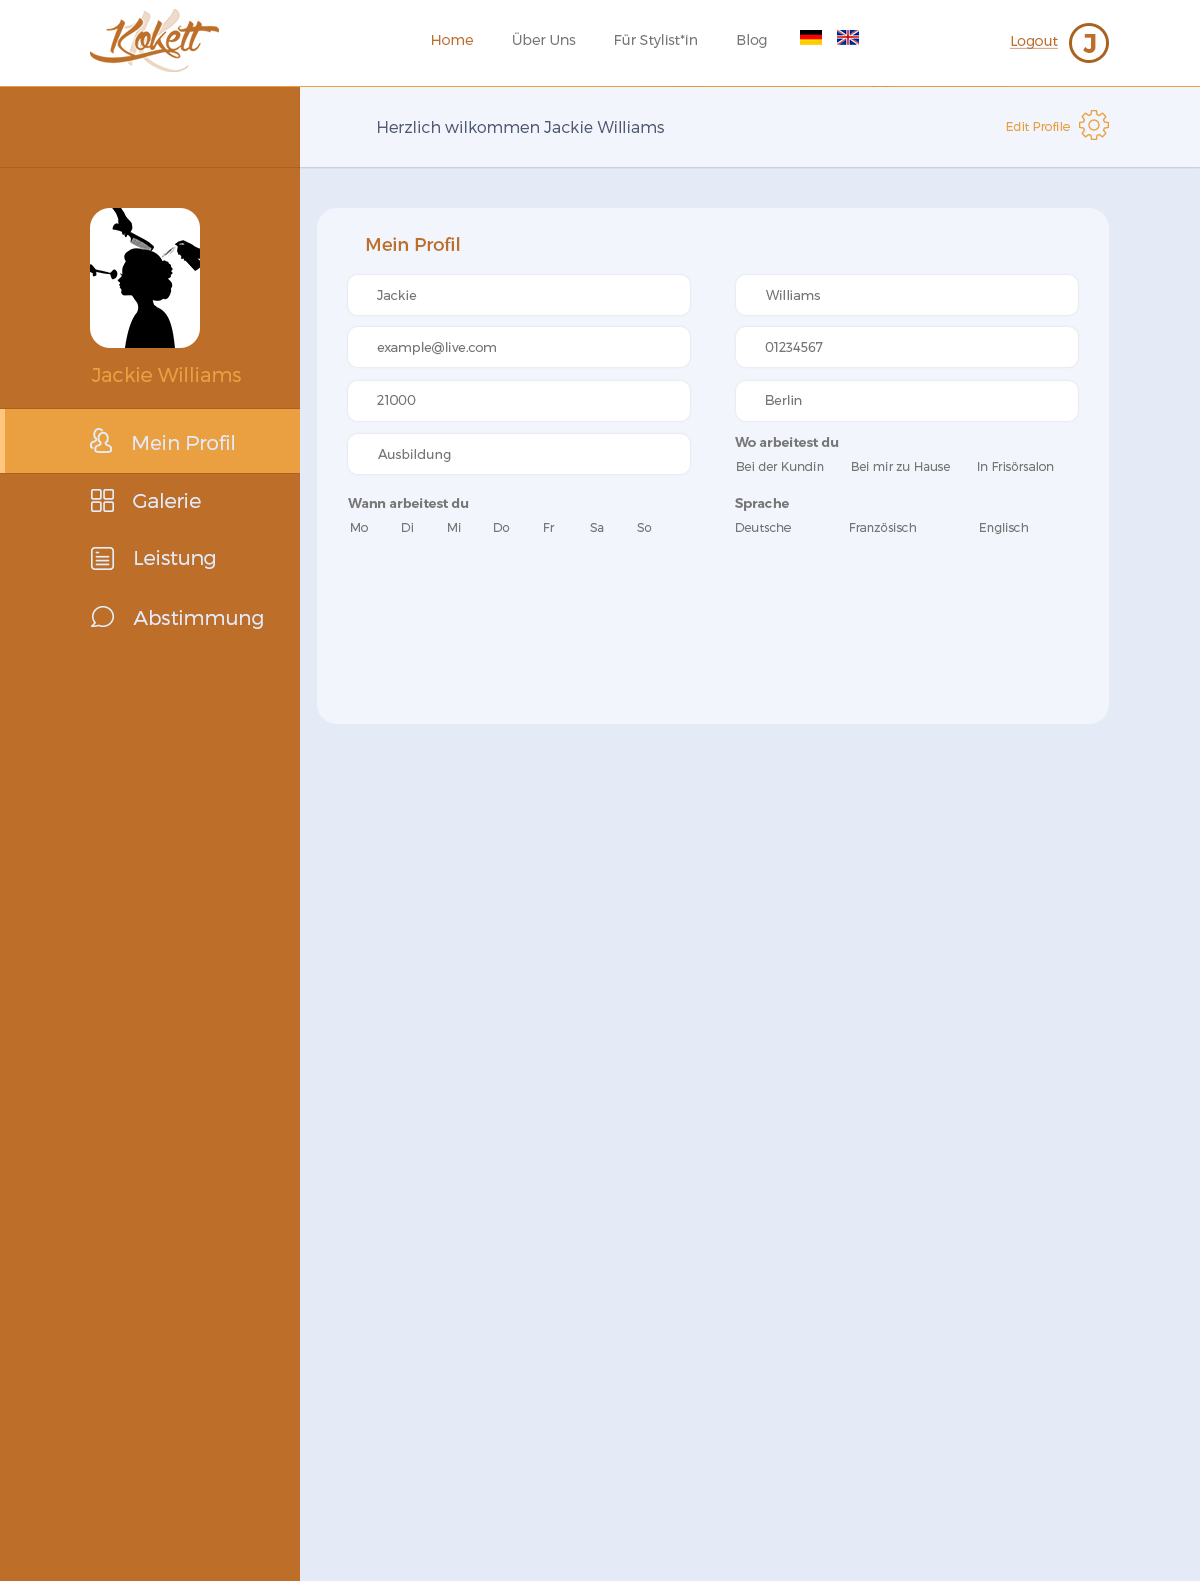 Anpassung und Erweiterung einer Webseite